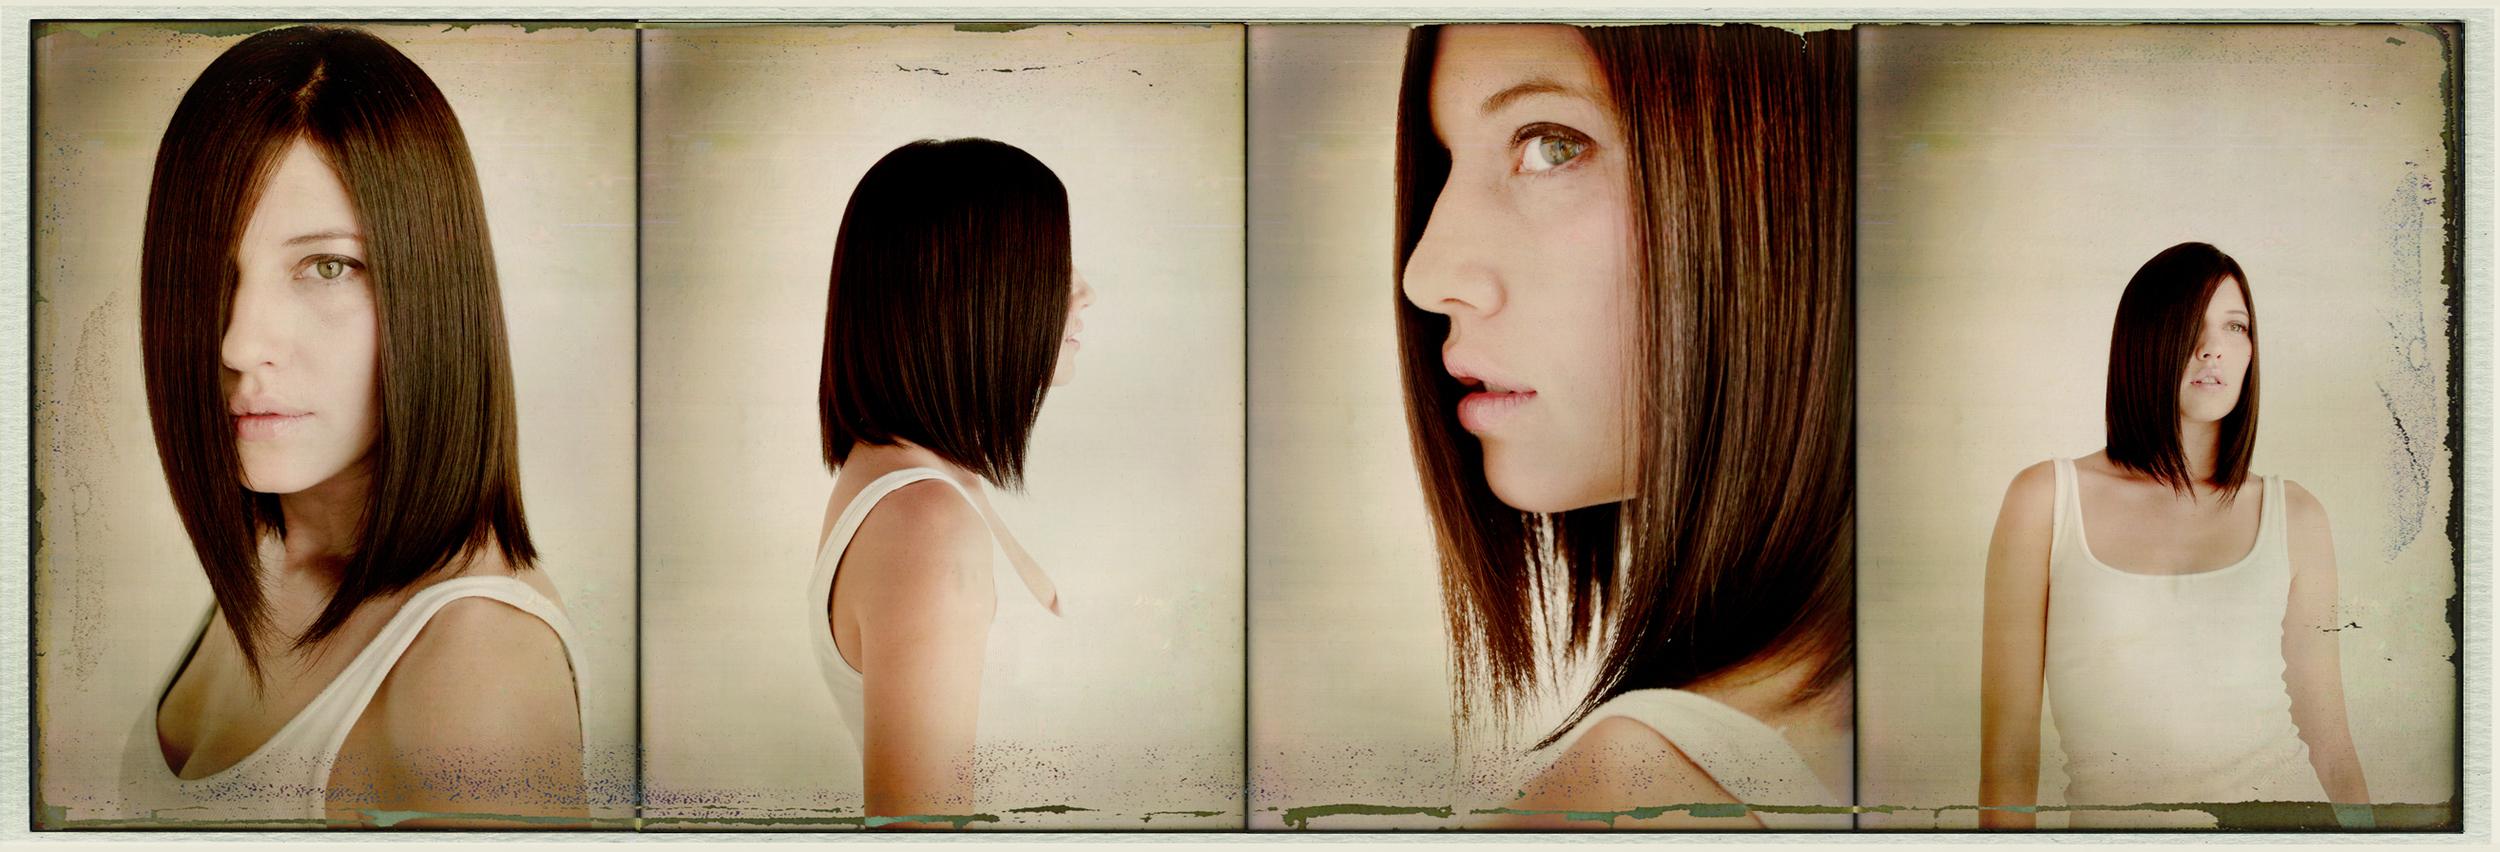 sarah 2 series 1.jpg